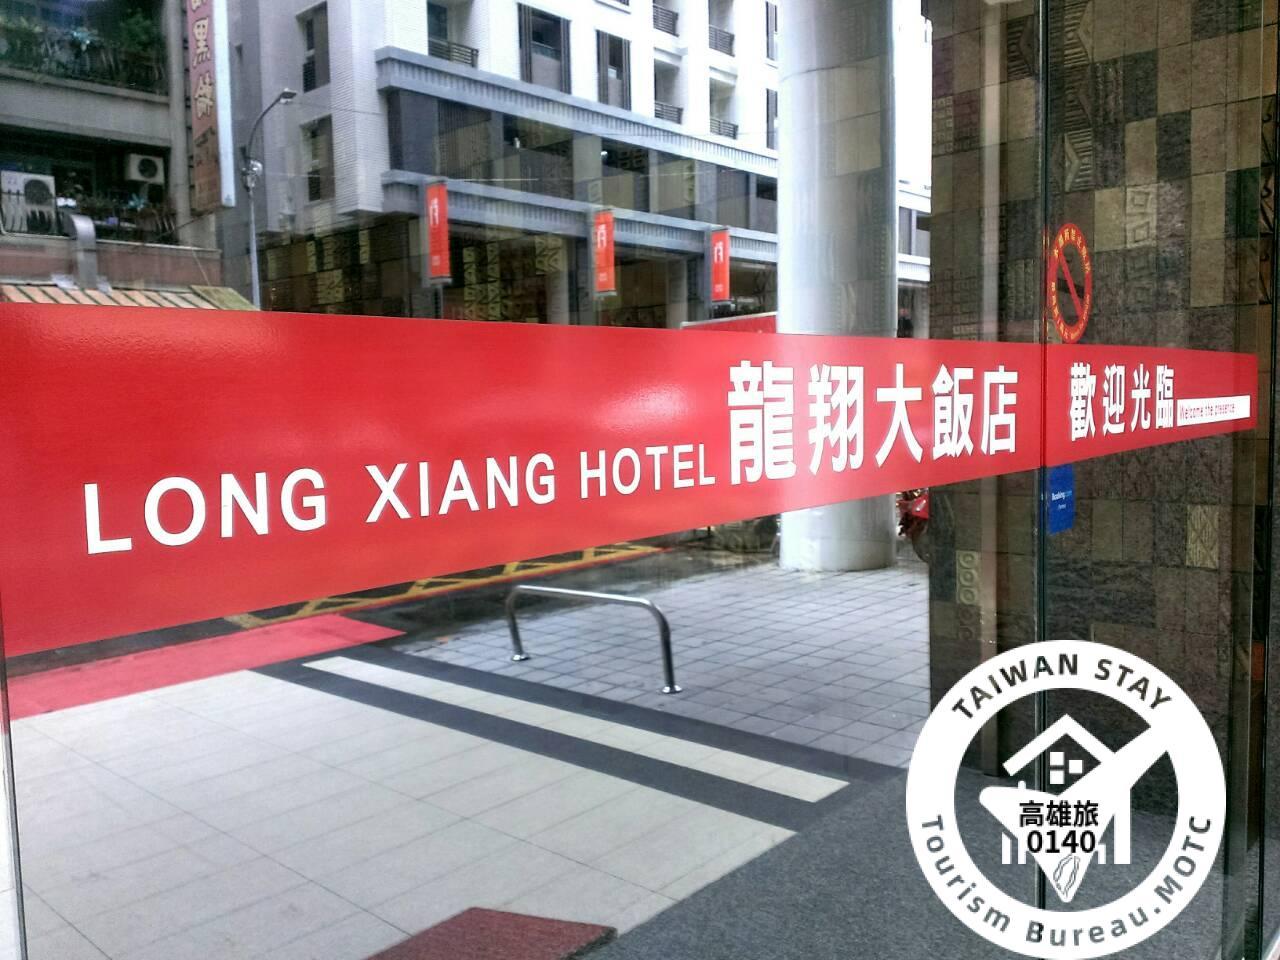 ロン シャン ホテル(龍翔飯店)